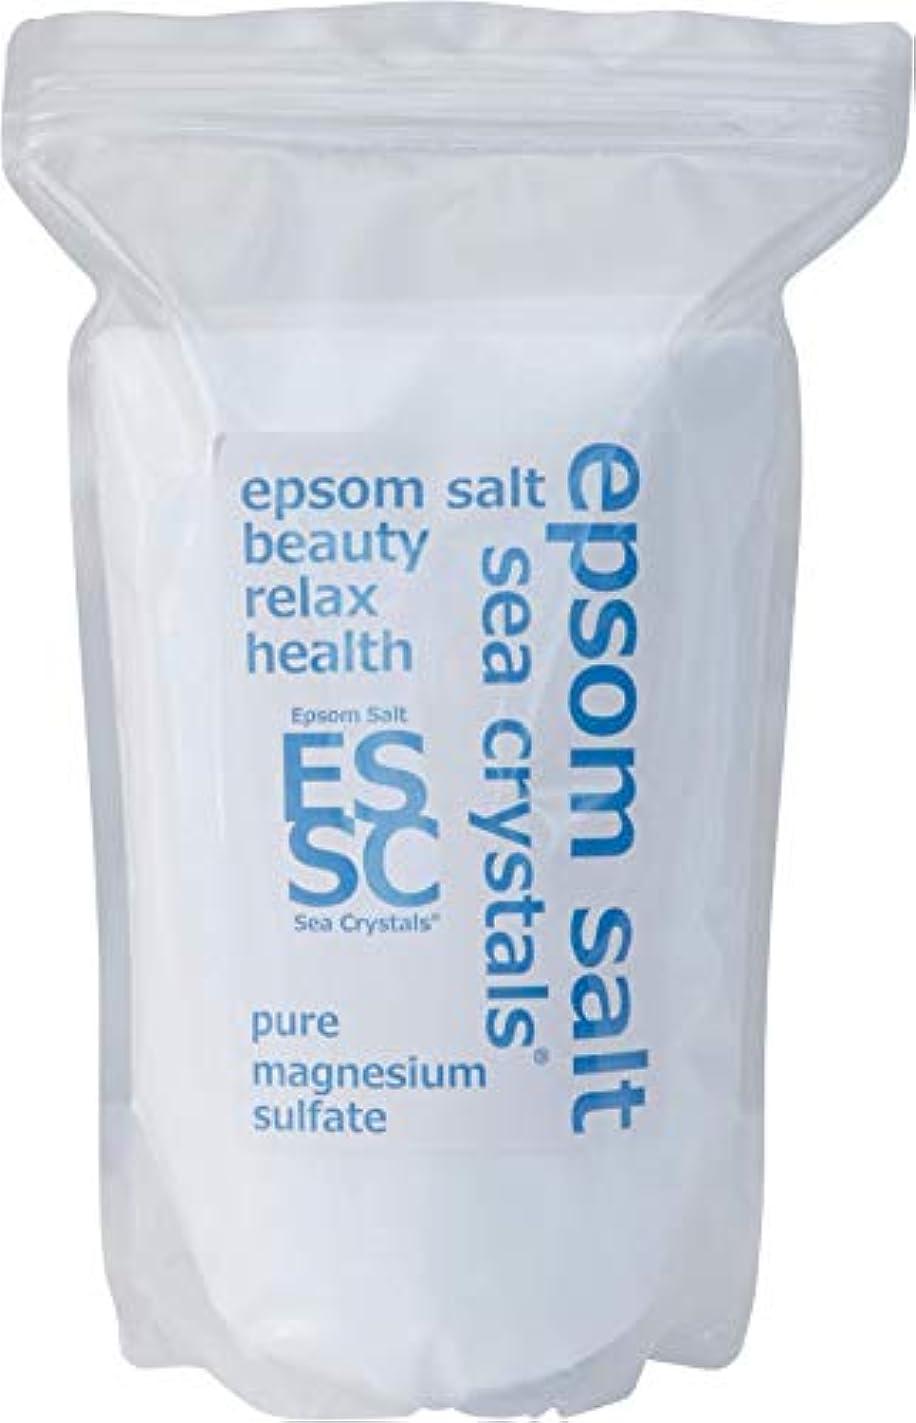 リストスラム街検索シークリスタルス 900g エプソムソルト 国産 入浴剤 約6回分 無香料 お試しサイズ